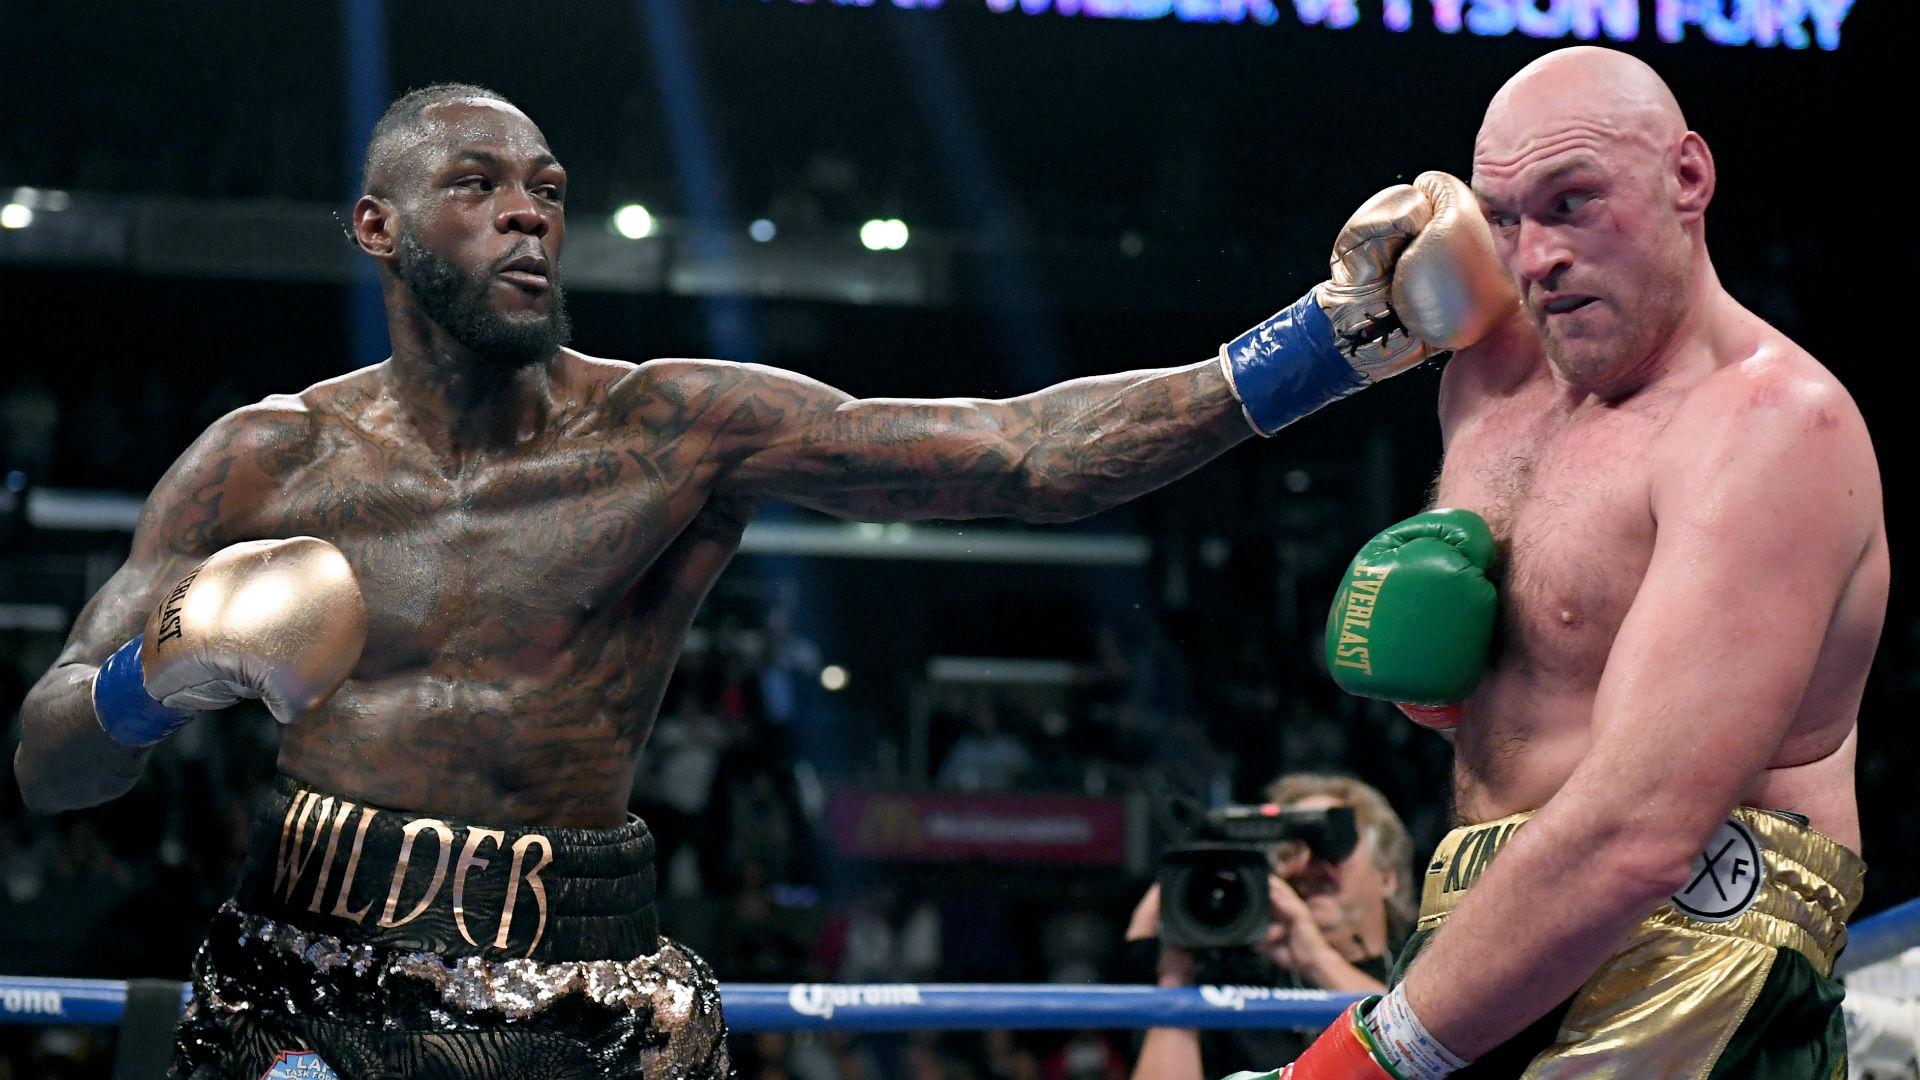 Fury giữ nguyên kế hoạch giải nghệ bất chấp kết quả ở trận tái đấu với Wilder.